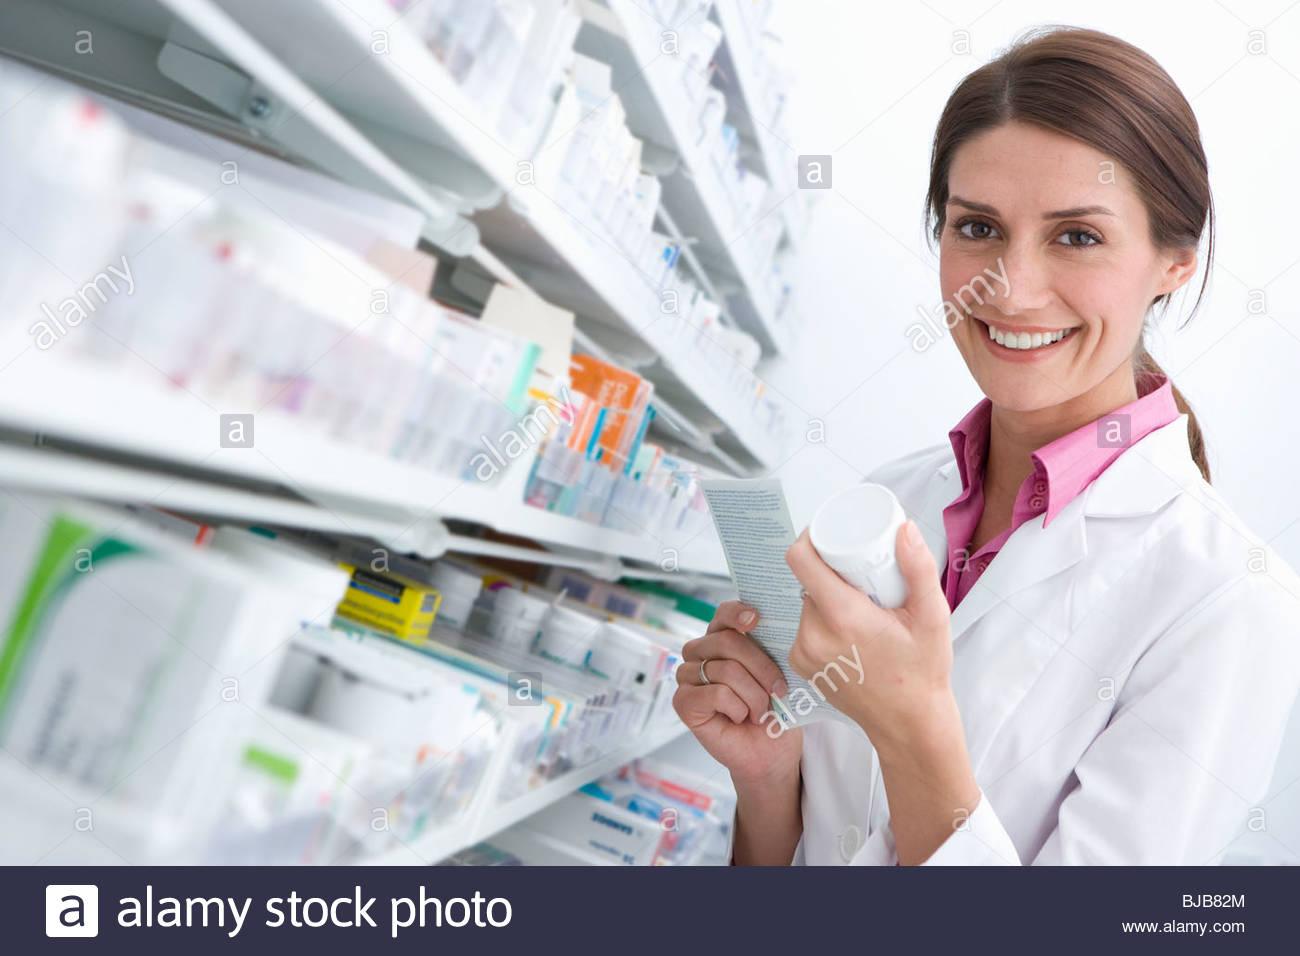 Pharmacist reading medicine bottle in pharmacy - Stock Image